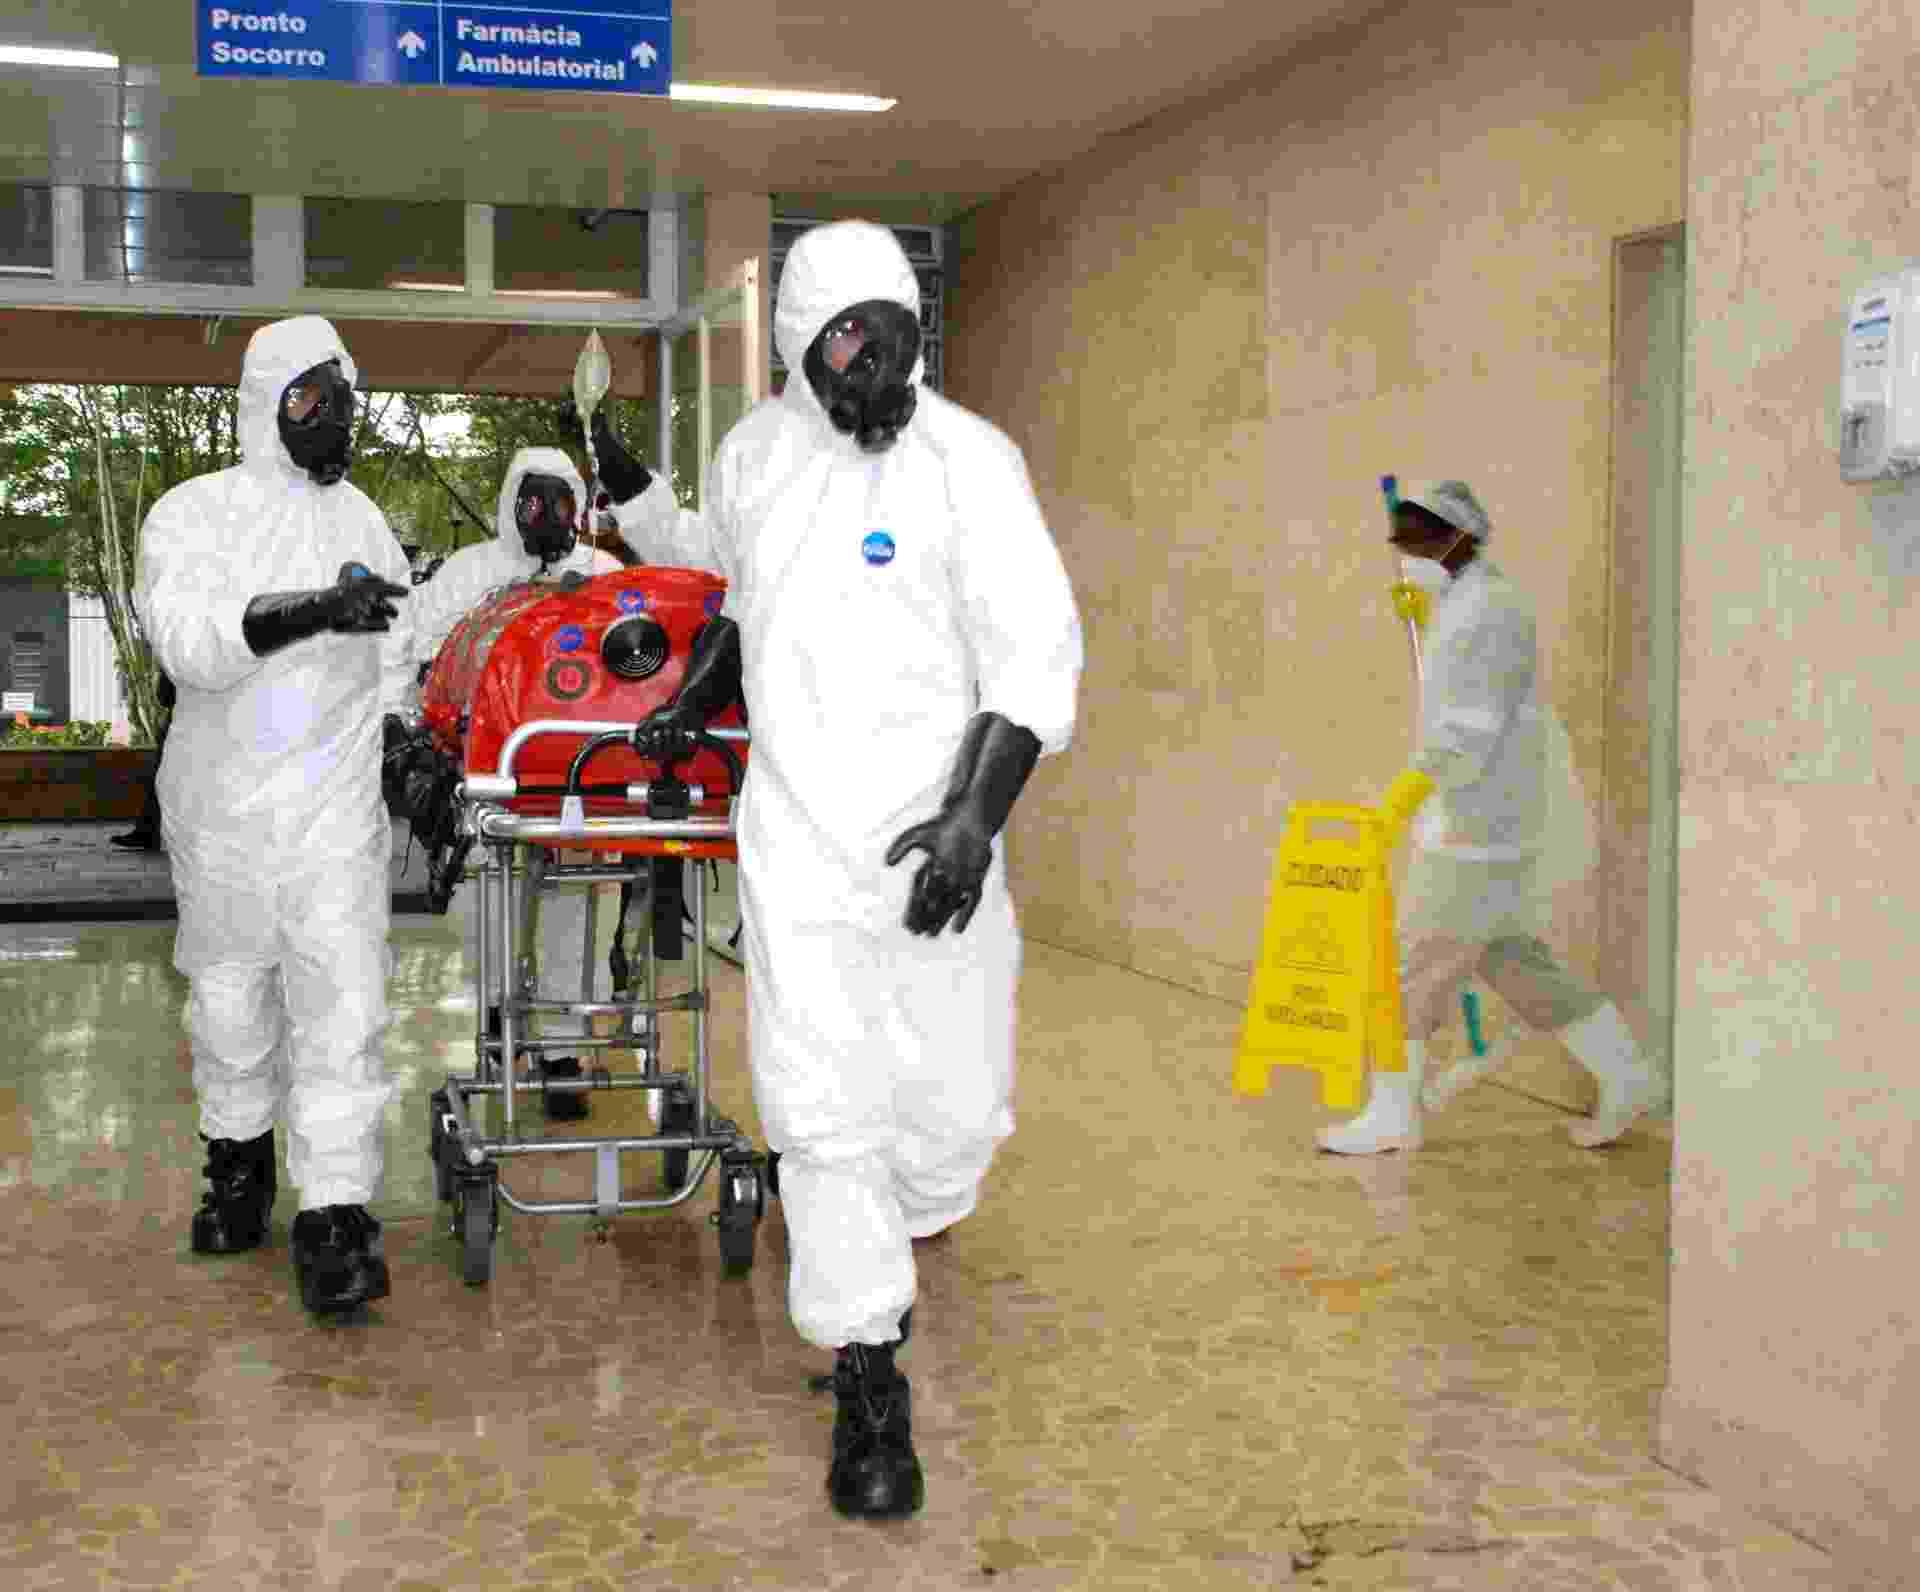 16.set.2014 - O Ministério da Saúde realizou, nesta terça-feira (16), no aeroporto de Guarulhos, em São Paulo, uma simulação de atendimento para casos de passageiros com suspeita de ebola em voos internacionais - Paulo Alexandrowitsch/Secretaria de Estado da Saúde de São Paulo